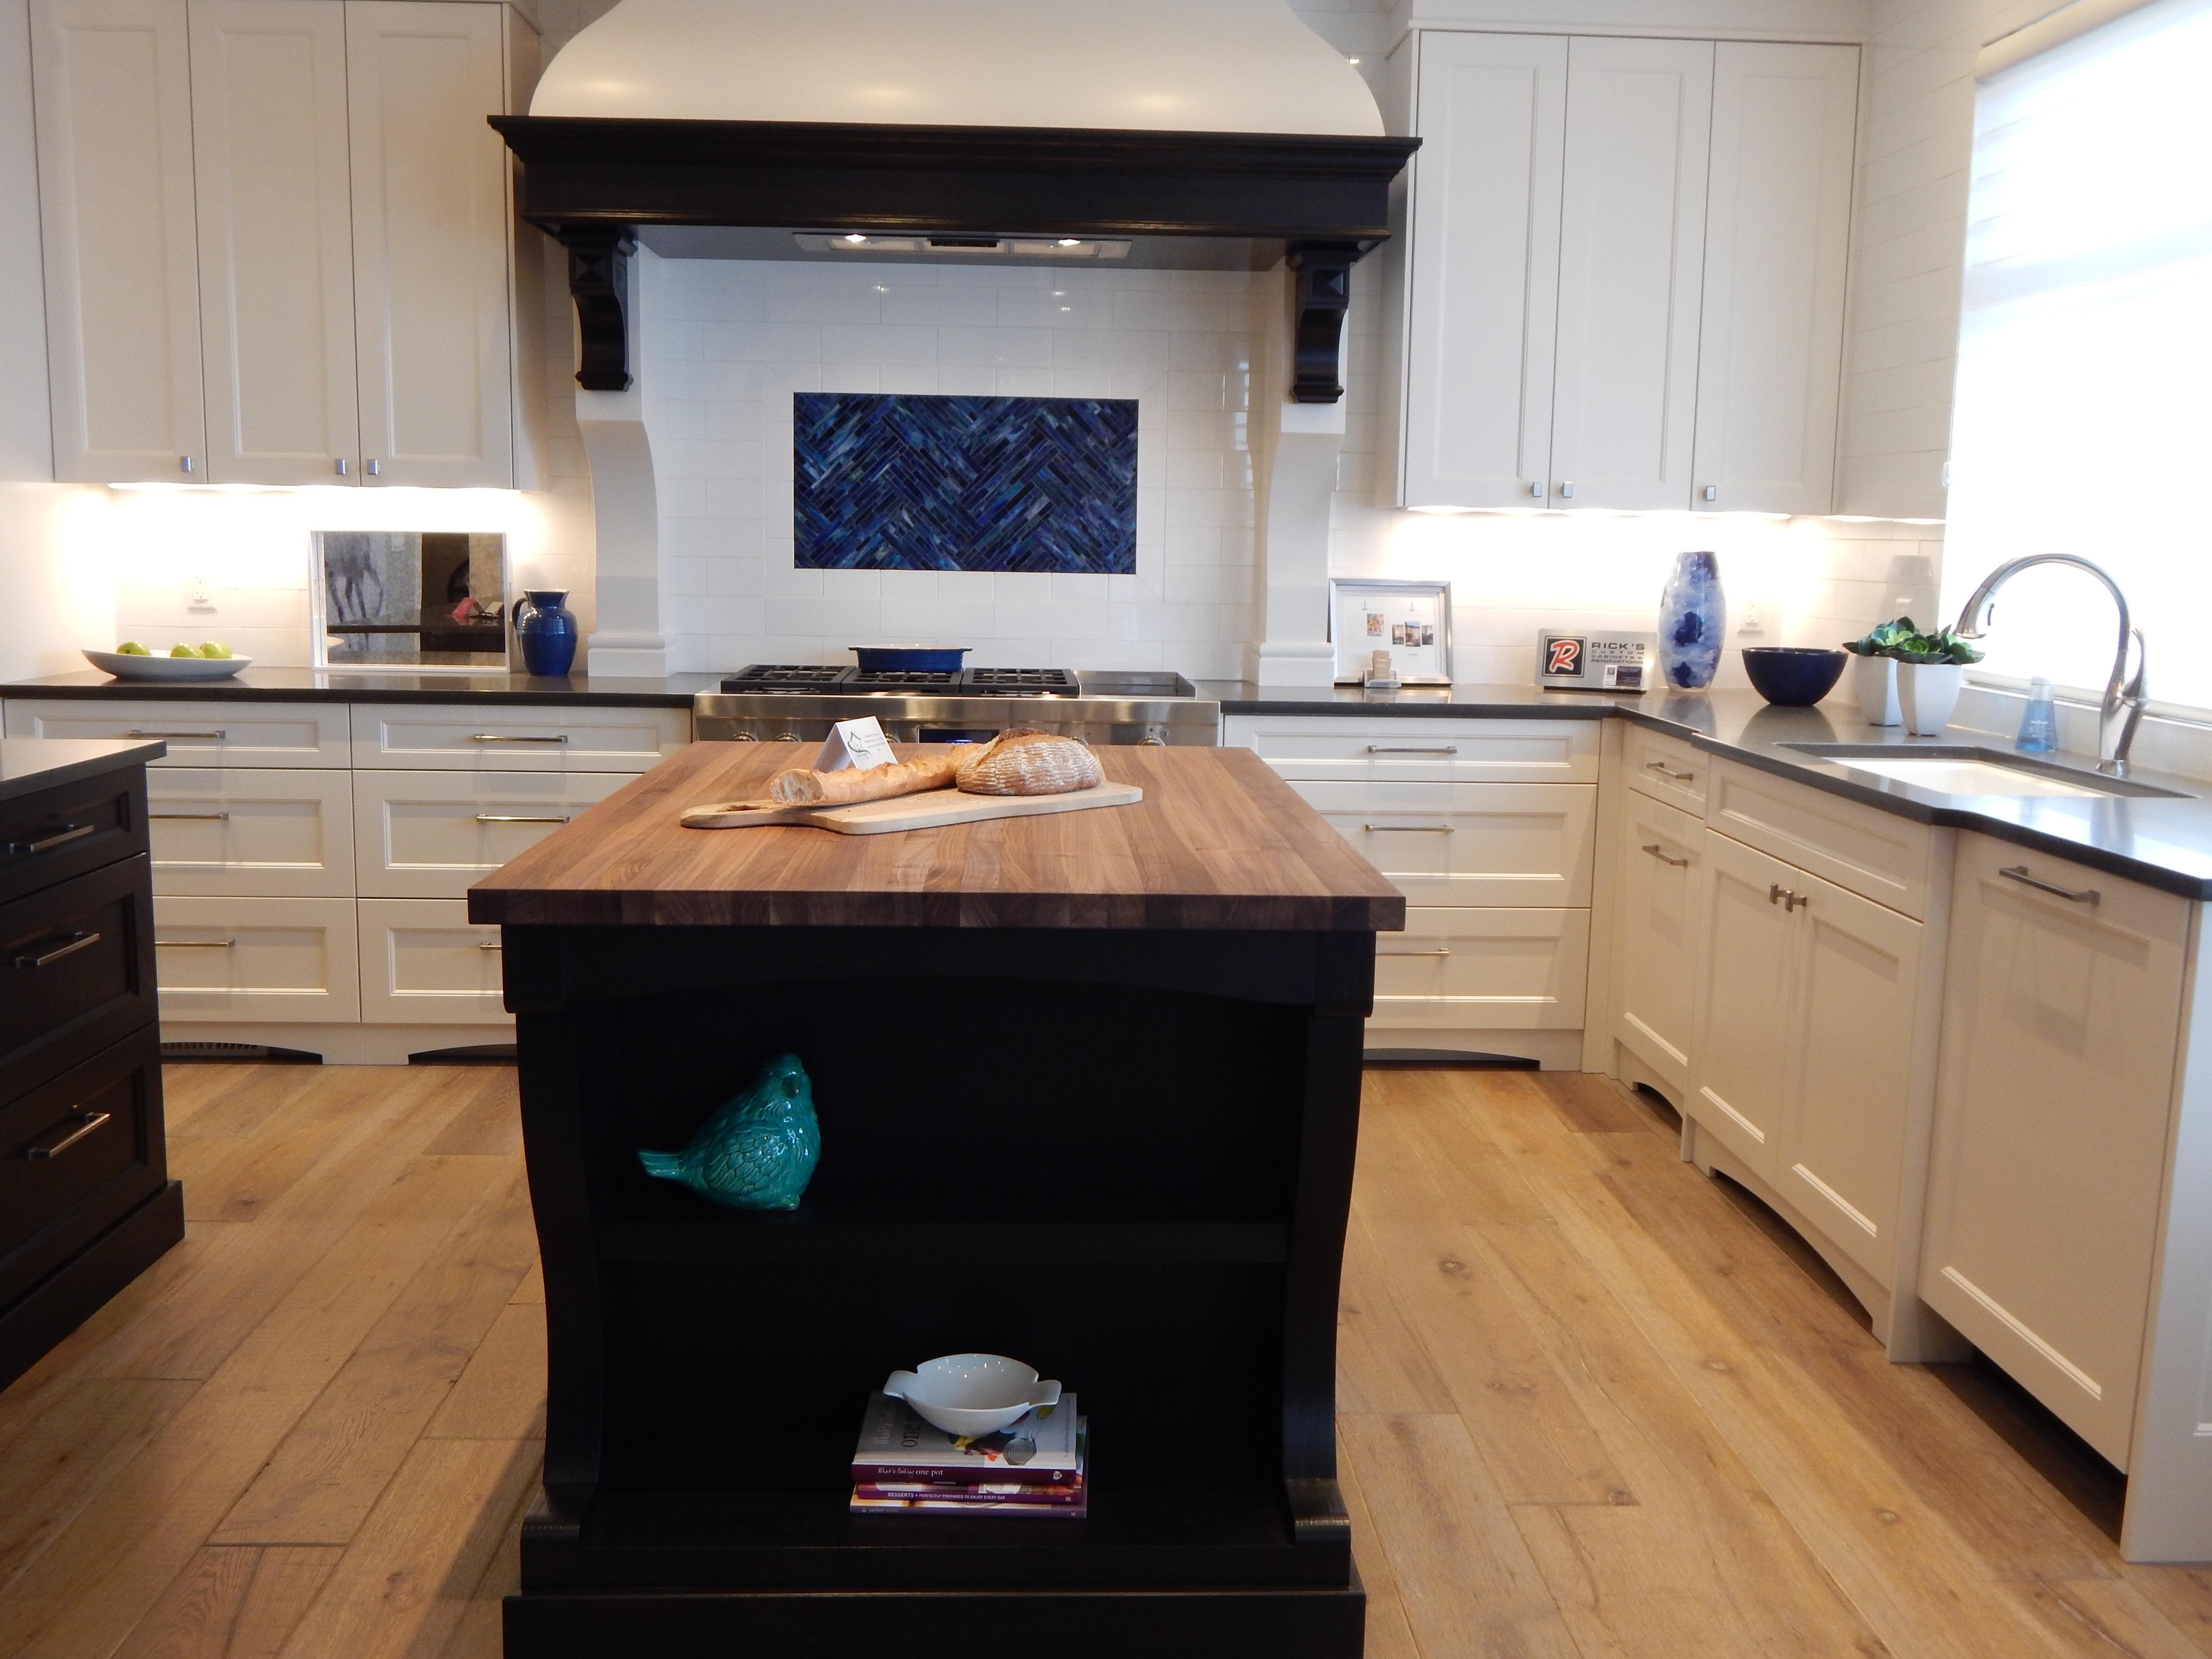 Fotos gratis : casa, piso, cabaña, cocina, isla, propiedad ...